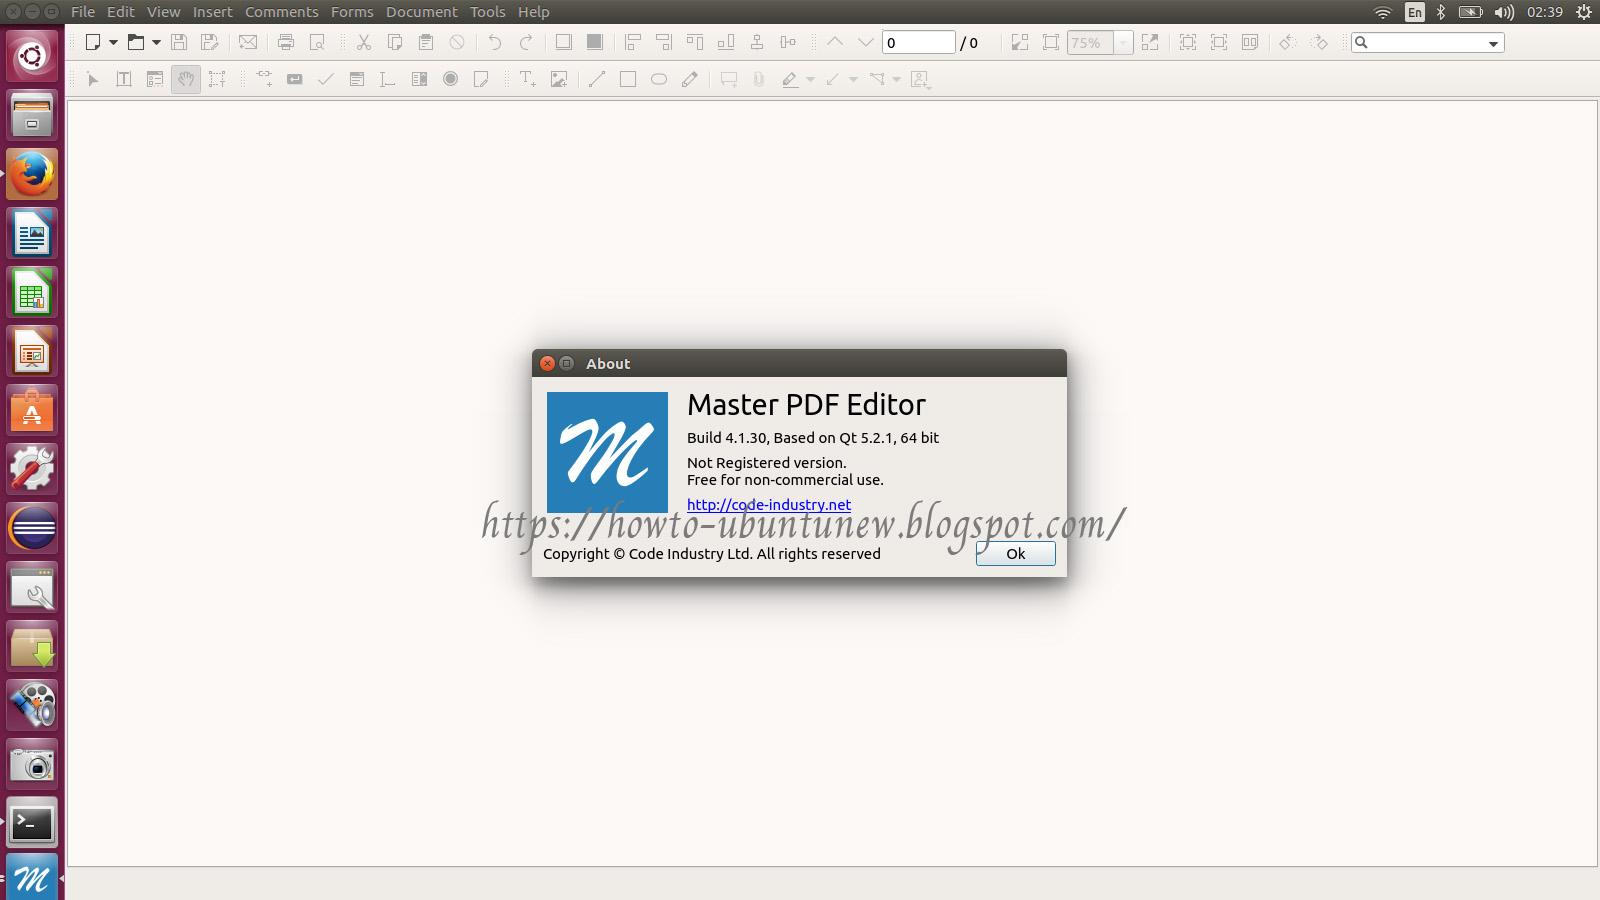 master pdf editor 5.1 keygen